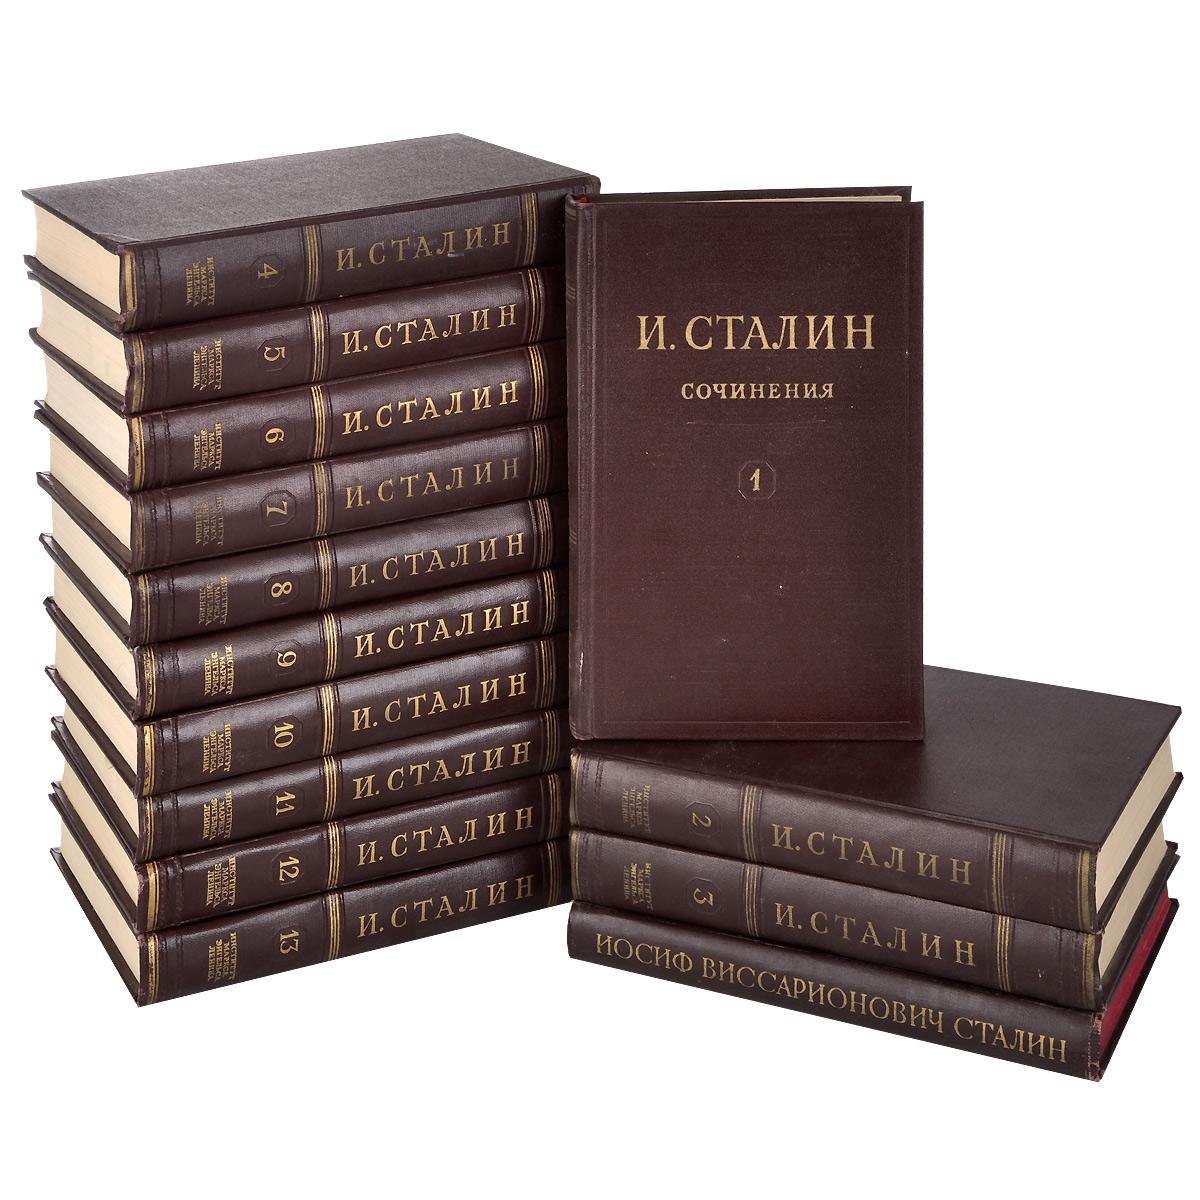 И. Сталин. Собрание сочинений в 13 томах. Краткая биография (комплект из 14 книг)